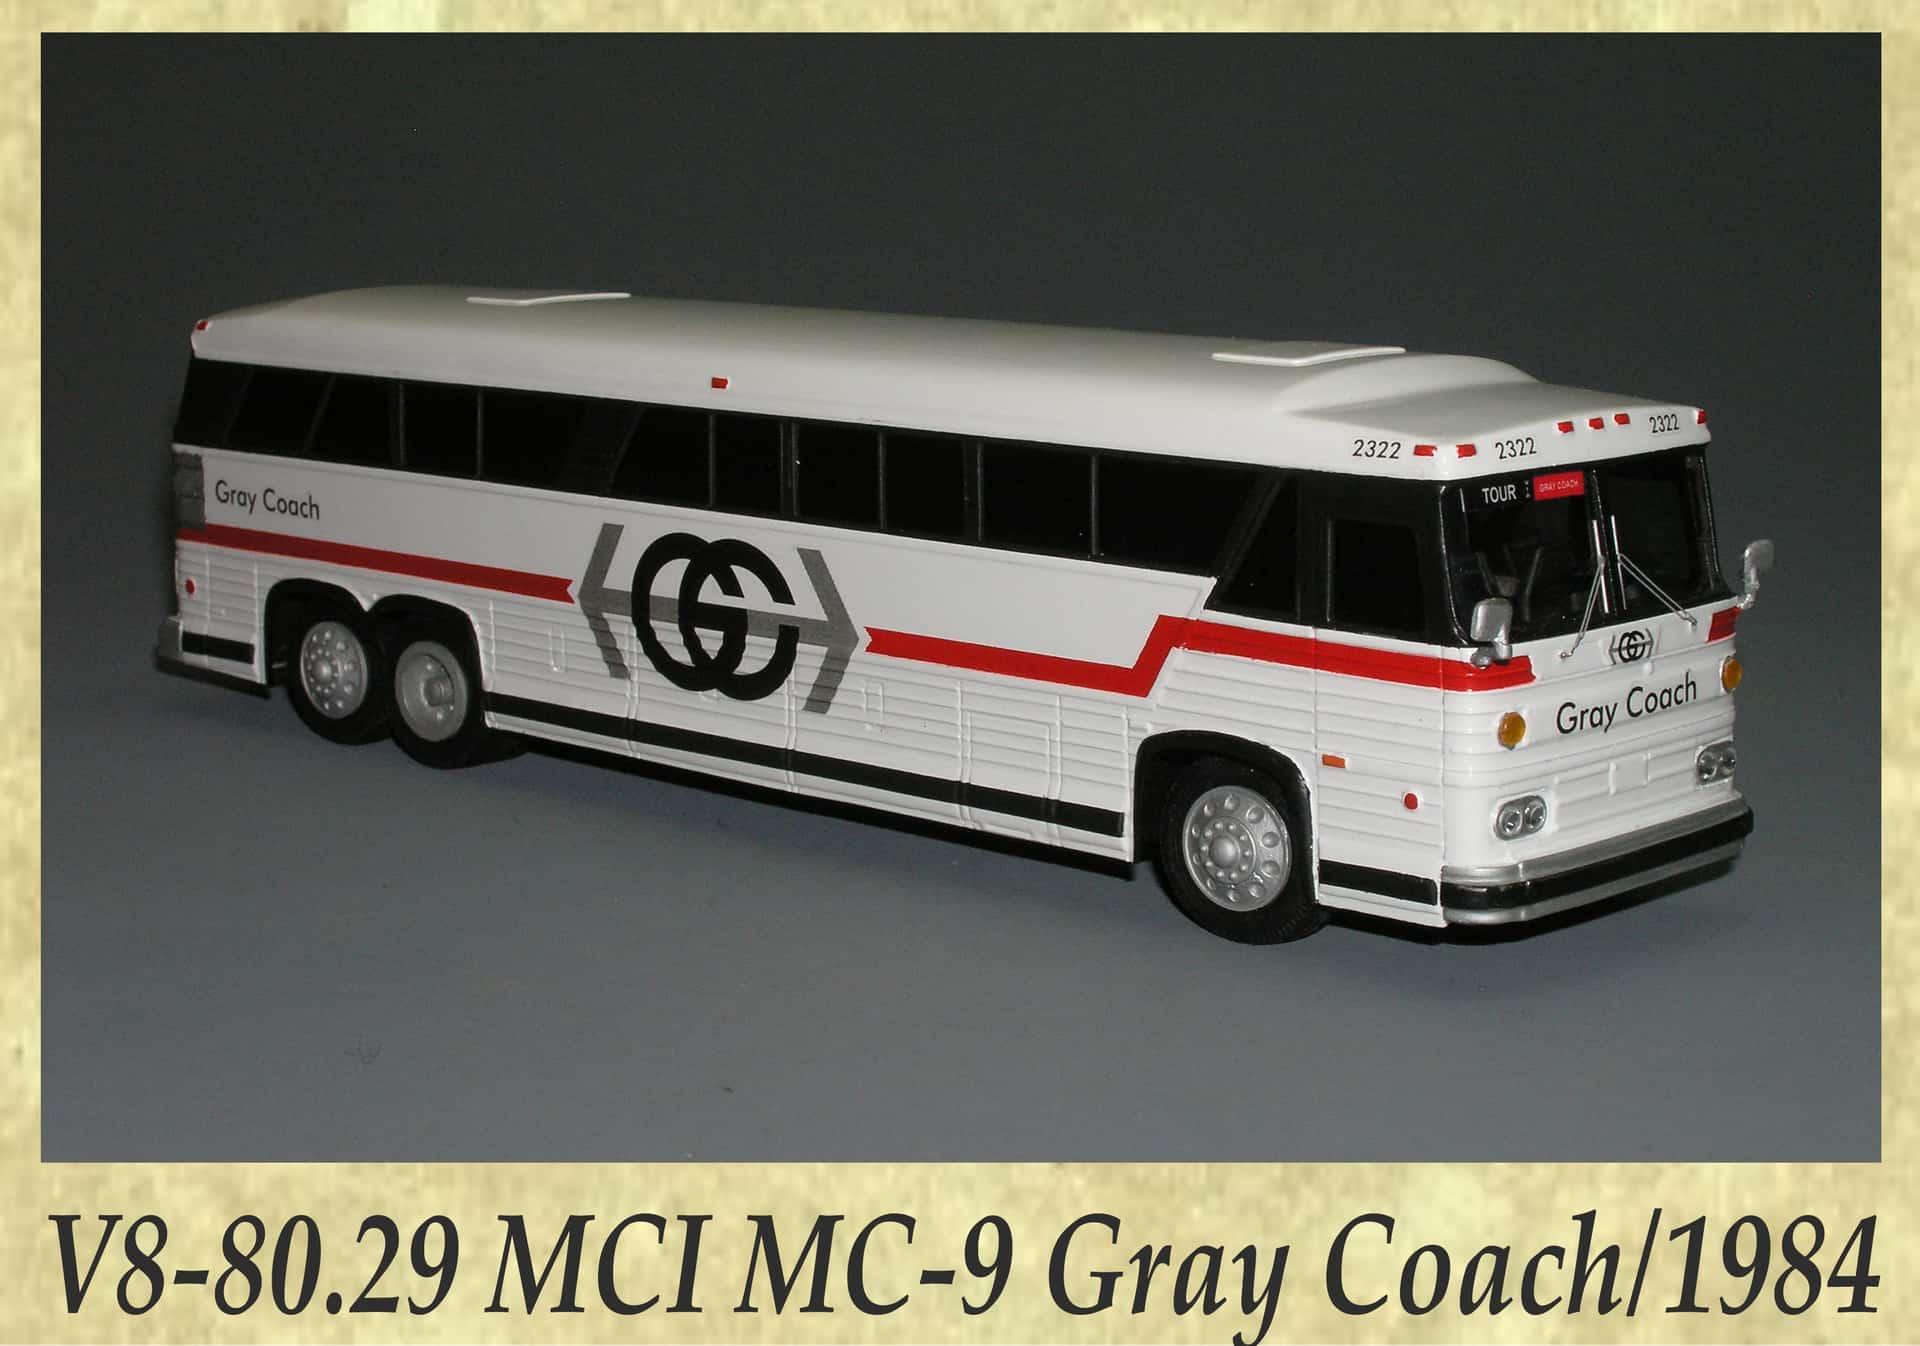 V8-80.29 MCI MC-9 Gray Coach 1984